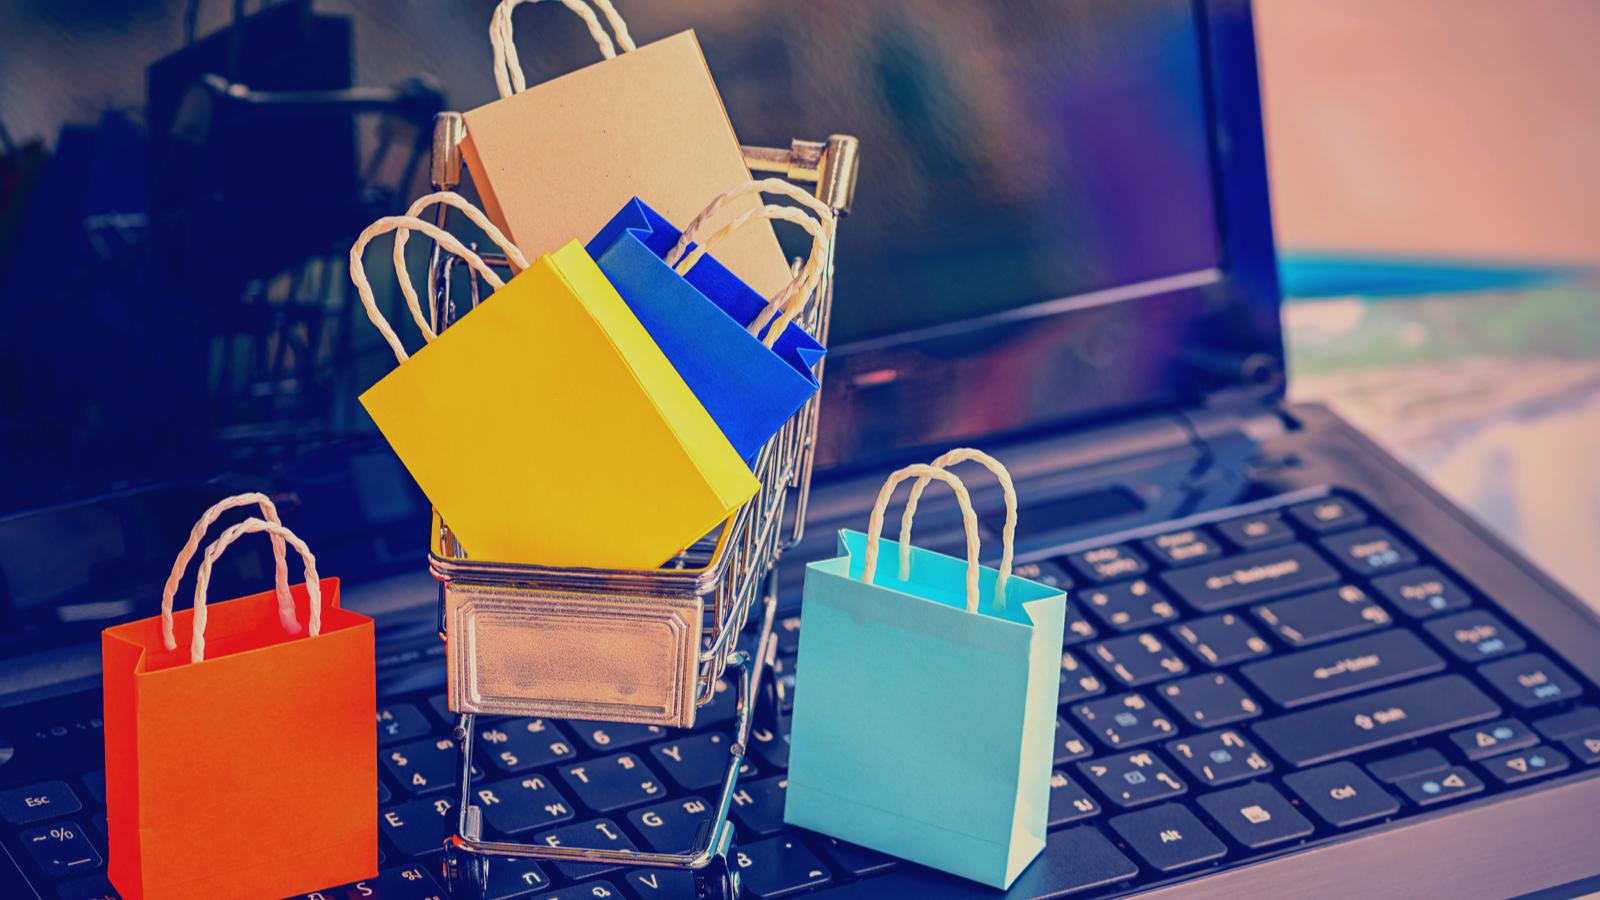 Data protection nel fashion: 4 punti deboli da sapere